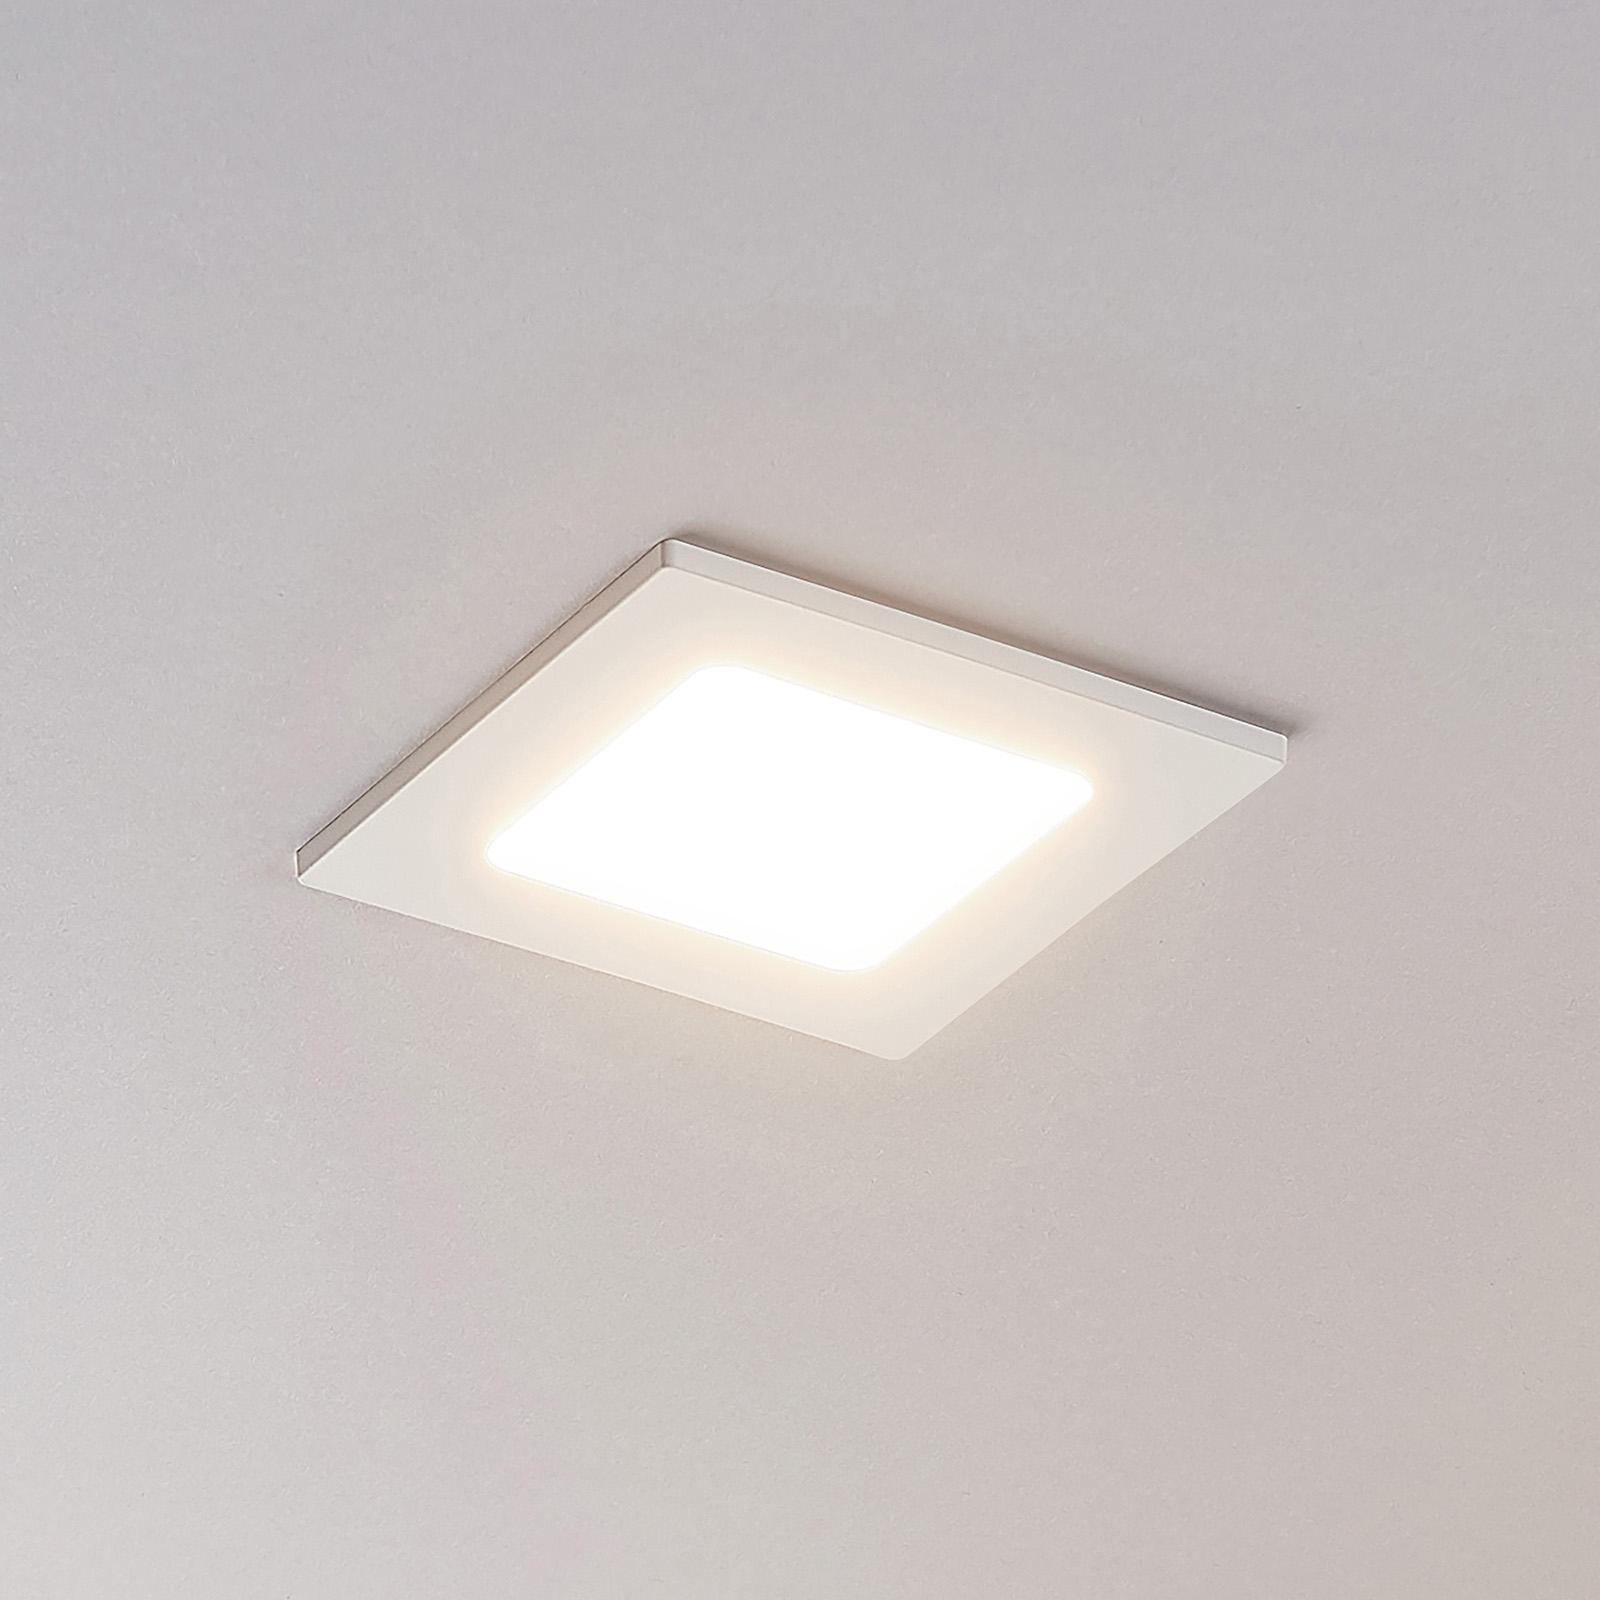 LED podhledové svítidlo Joki 3000K hranaté 11,5cm